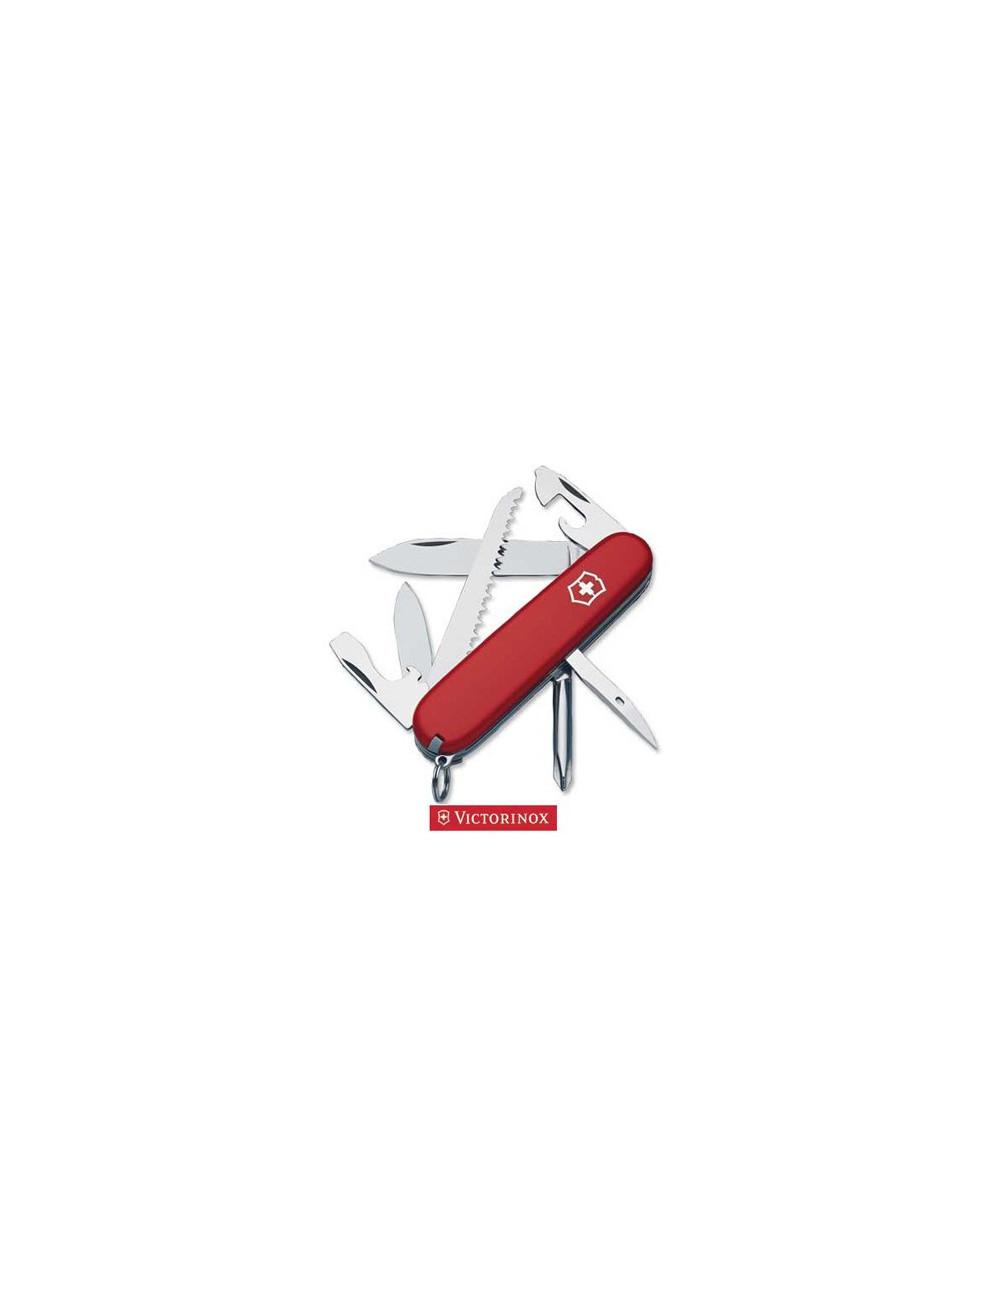 Coltello multiuso V-1.4613 HIKER - VICTORINOX